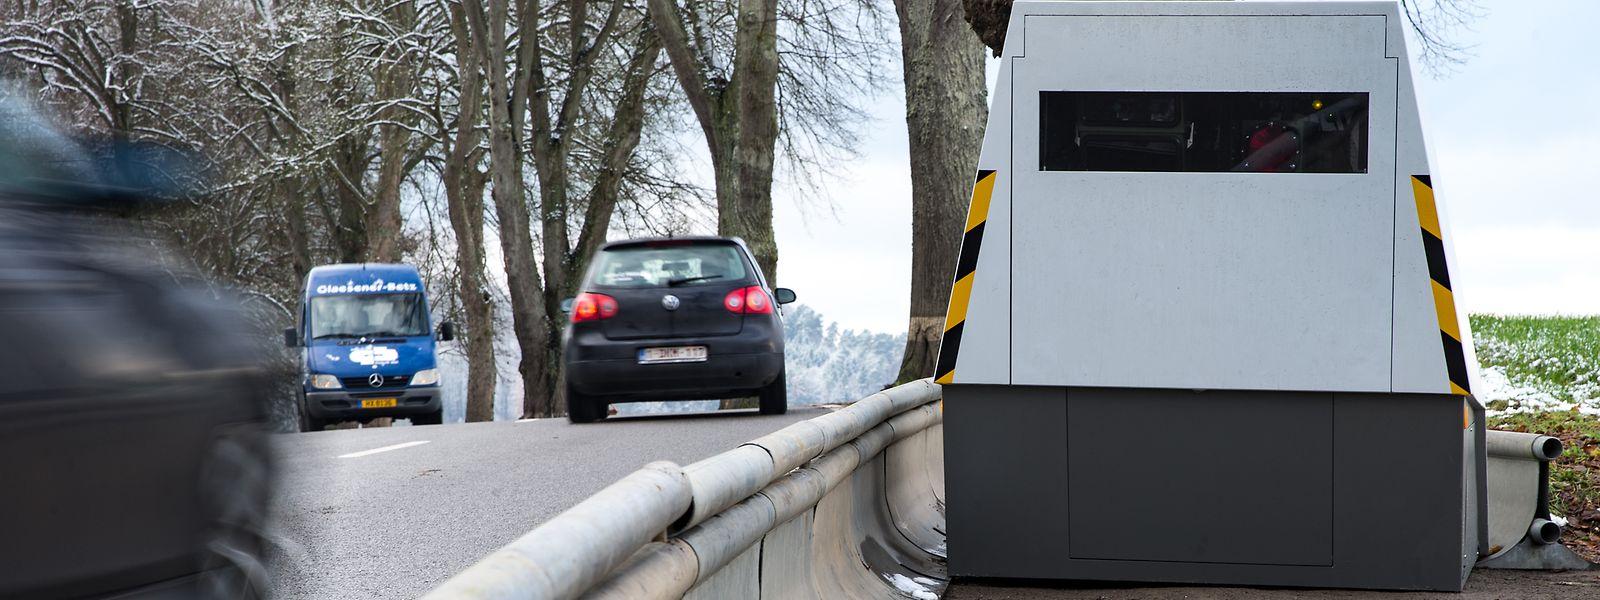 En 2019, les deux radars de chantier ont été à l'origine d'un quart des flashages de conducteurs trop pressés.